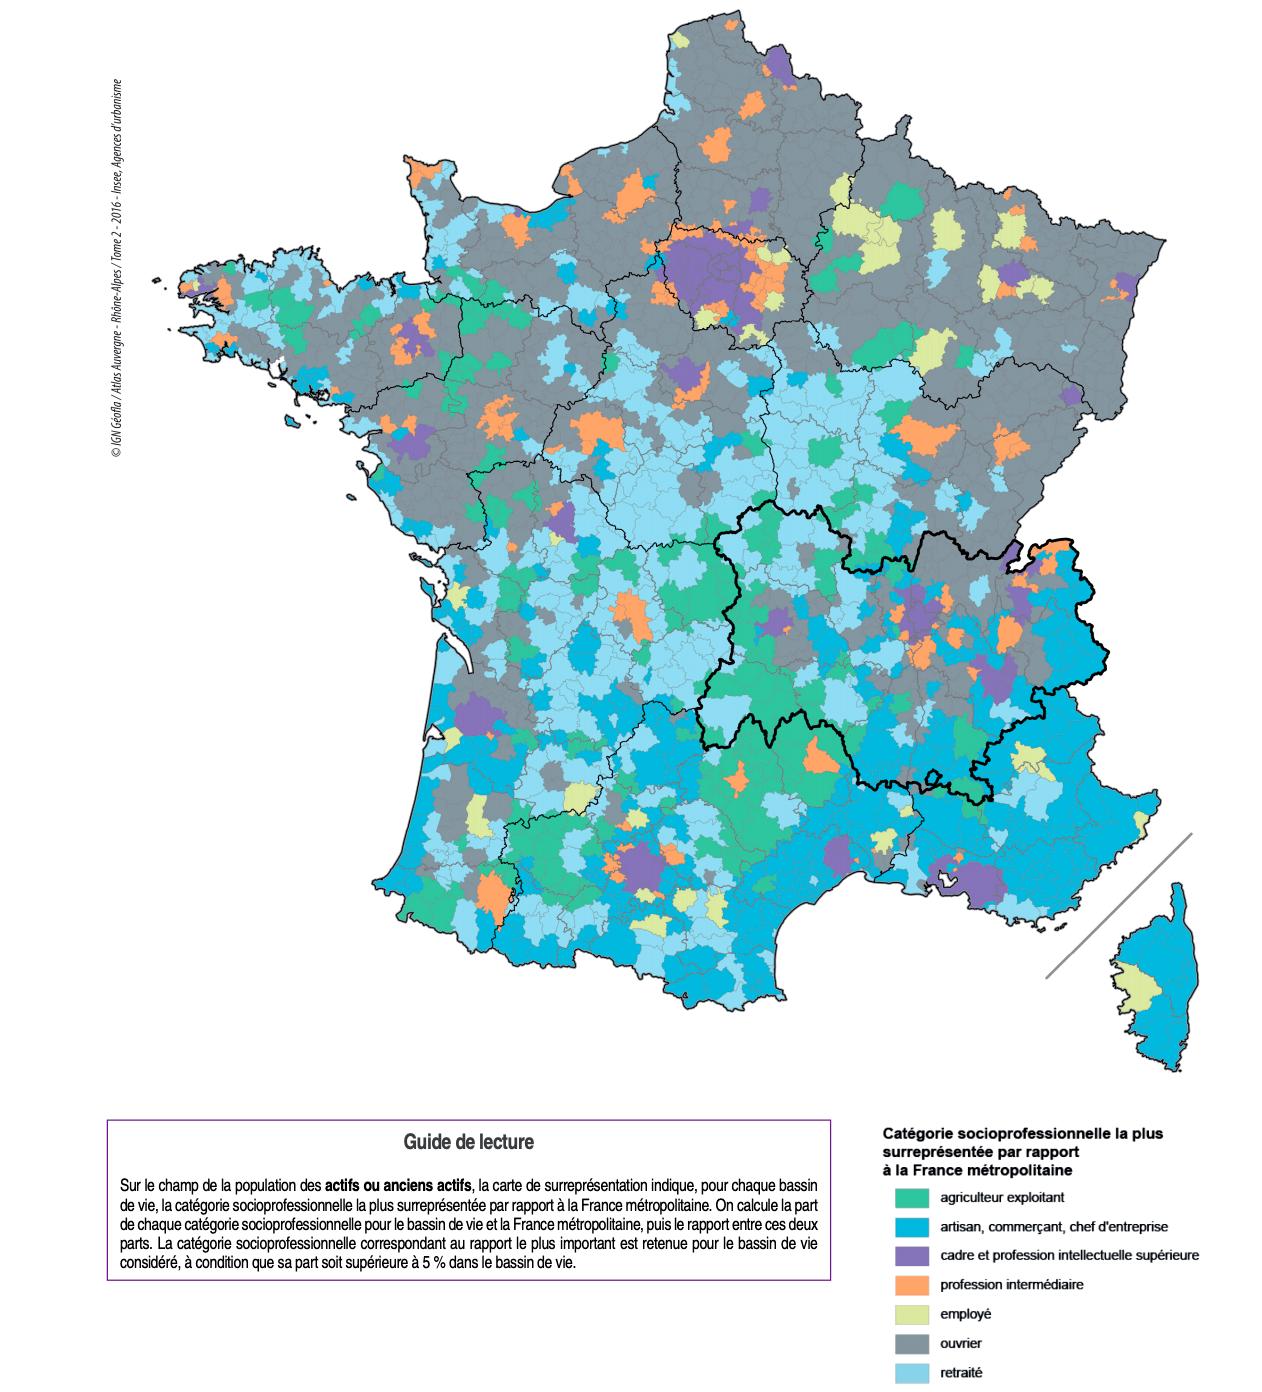 Catégorie socioprofessionnelle la plus surreprésentée par rapport à la France métropolitaine, Insee, 2016.